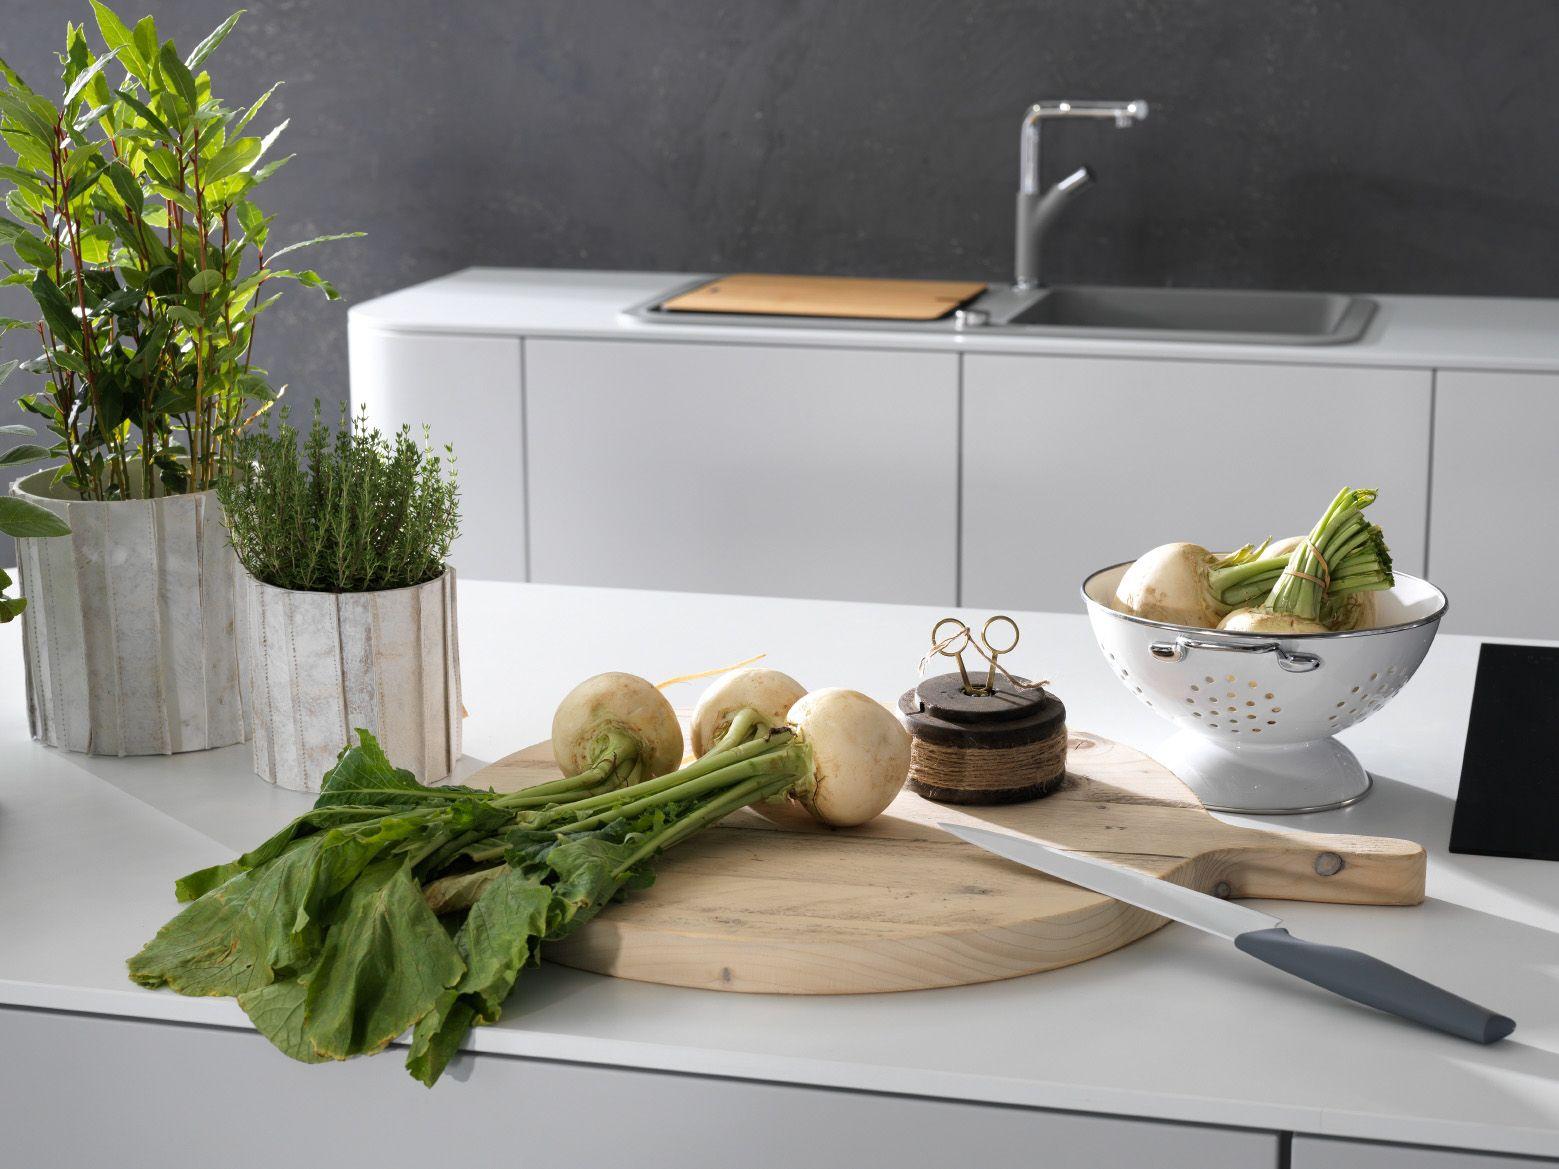 Küche | Lack | modern | klare Linien | grifflos | weiß | in ...